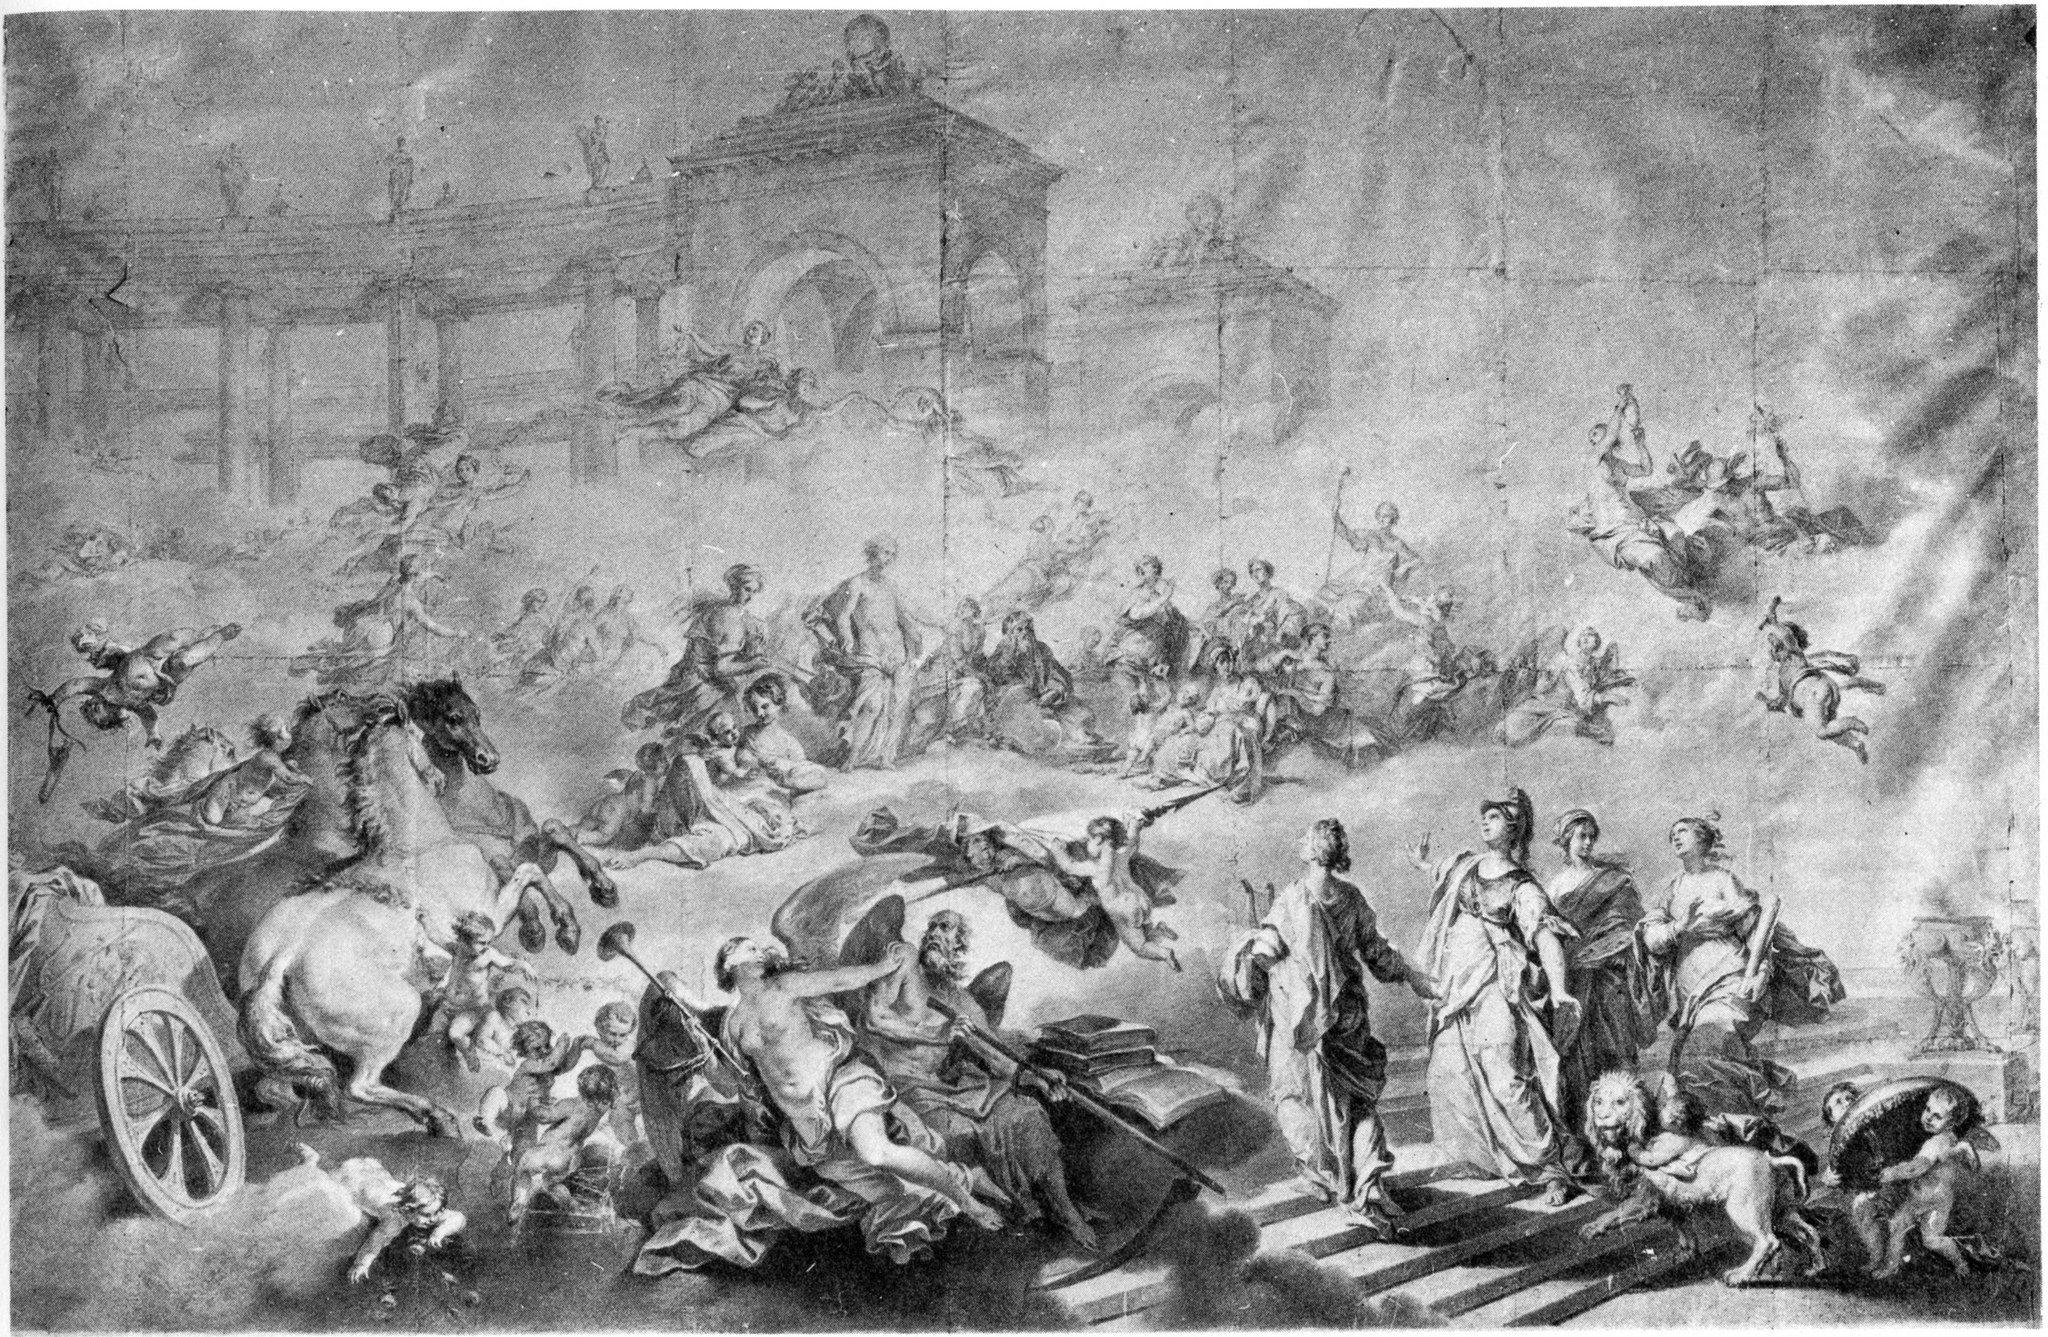 https://flic.kr/p/zGsibf | Napoleone Angiolini (1797 - 1871) | L'apoteosi di Felsina alla Reggia di Apollo - Bozzetto per il sipario del Teatro Comunale di Bologna (1853)